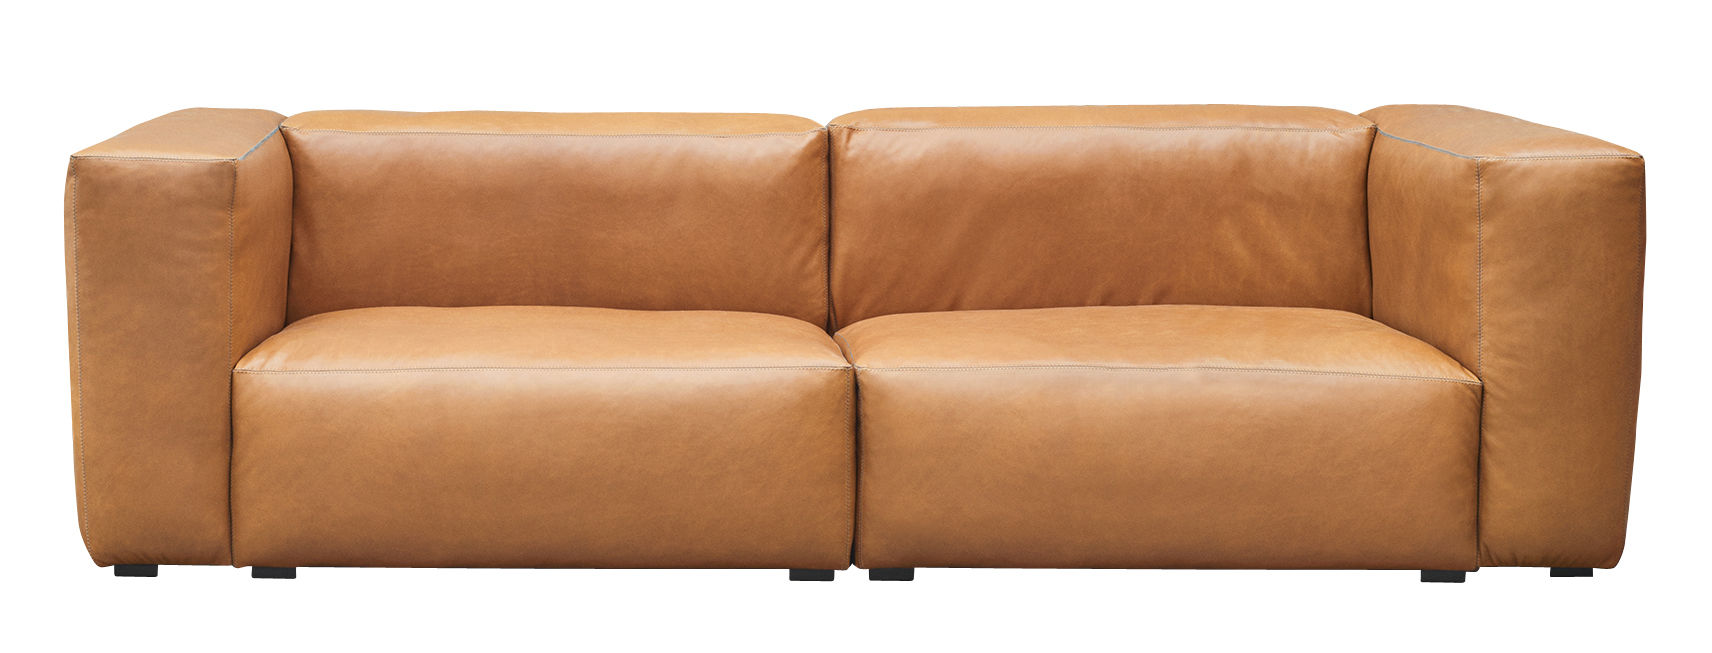 Möbel - Sofas - Mags Soft Sofa / 2- bis 3-Sitzer - L 238 cm / Leder - Hay - Leder cognacfarben - Leder